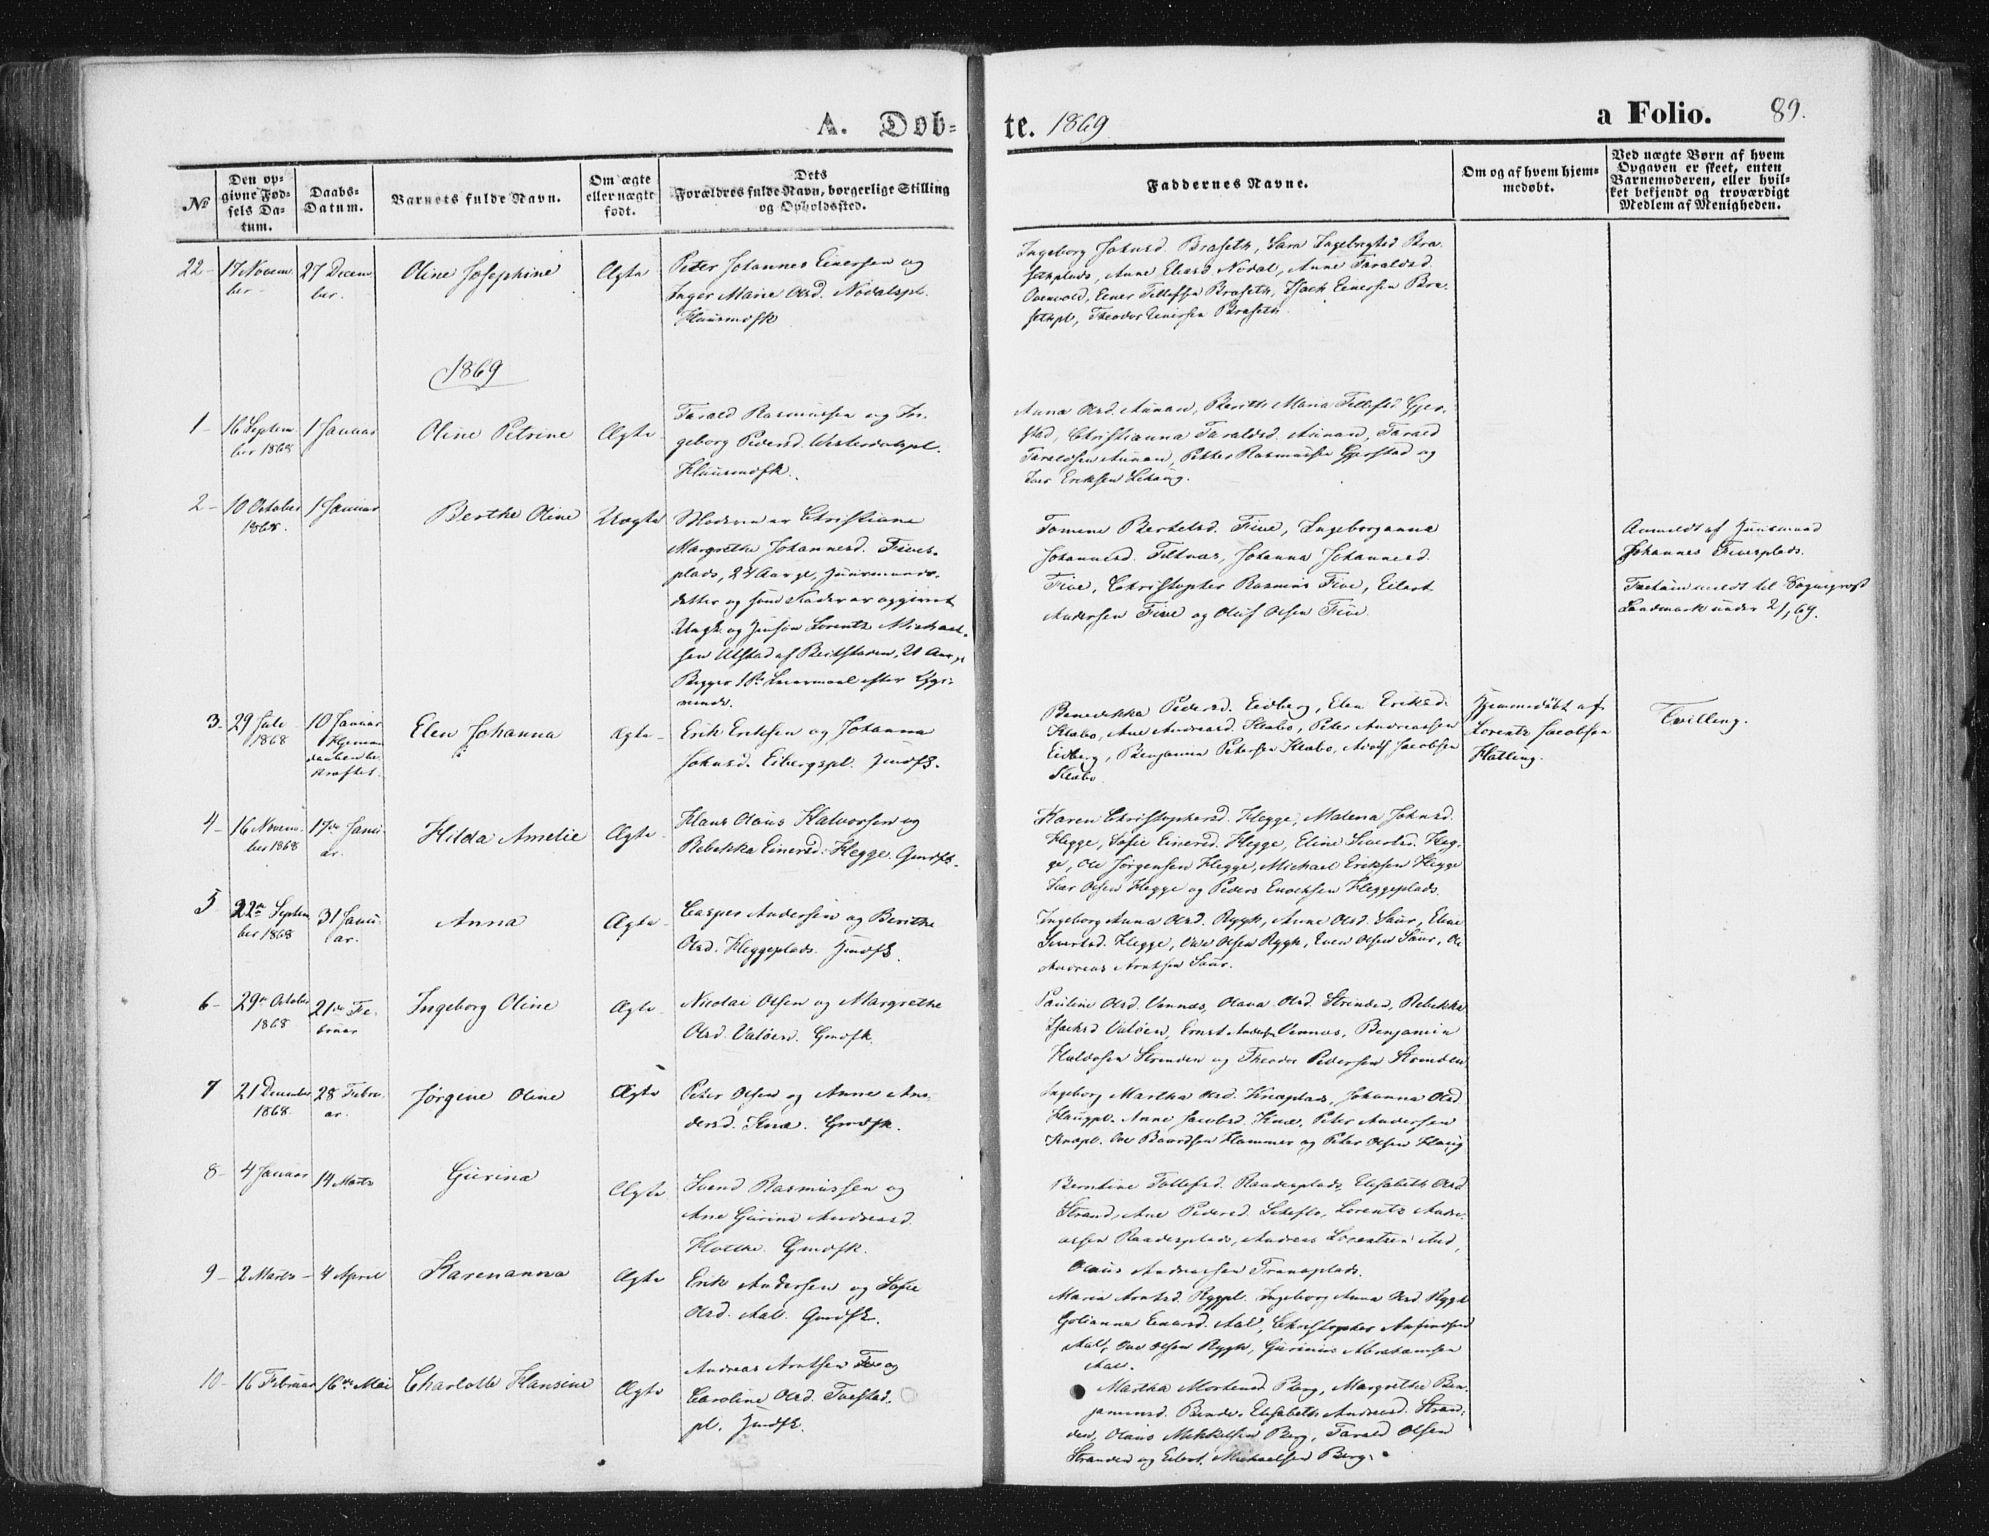 SAT, Ministerialprotokoller, klokkerbøker og fødselsregistre - Nord-Trøndelag, 746/L0447: Ministerialbok nr. 746A06, 1860-1877, s. 89